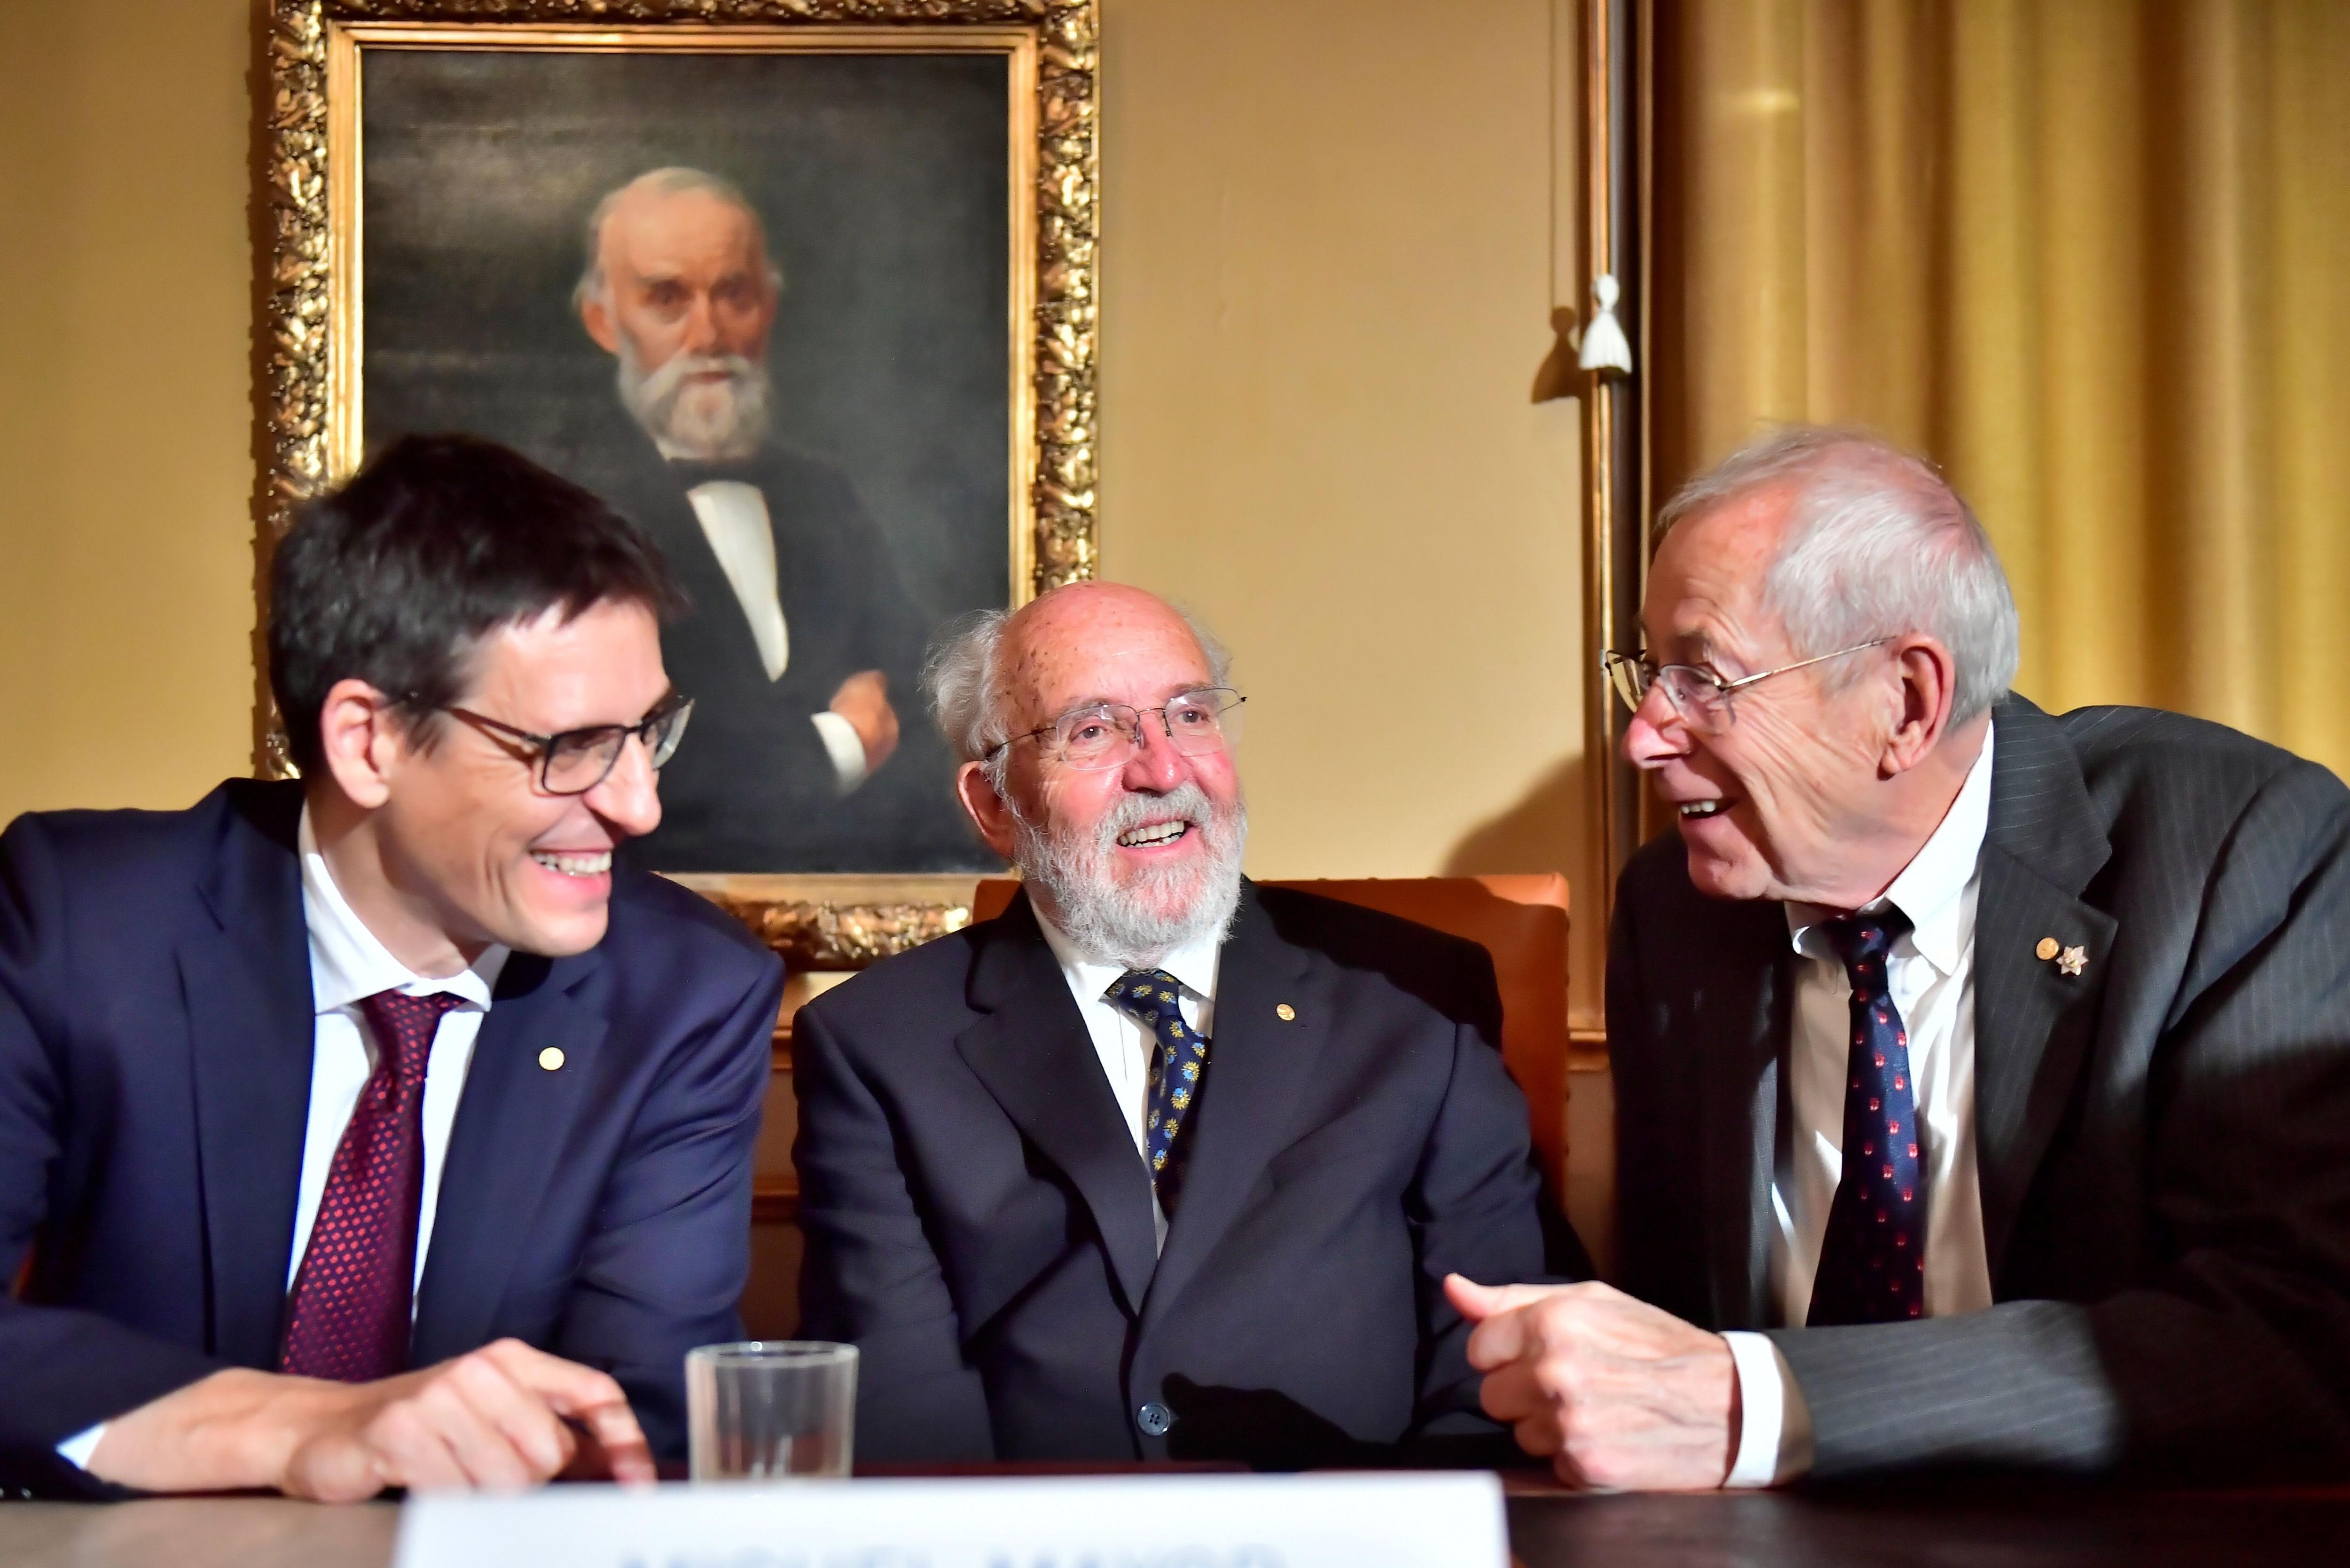 Los últimos galardonados con el Premio Nobel de Física Didier Queloz, Michel Mayor y James Peebles hablan durante una conferencia de prensa en la Real Academia de Ciencias de Suecia en Estocolmo, Suecia, el 7 de diciembre de 2019 (TT NEWS AGENCY vía REUTERS)